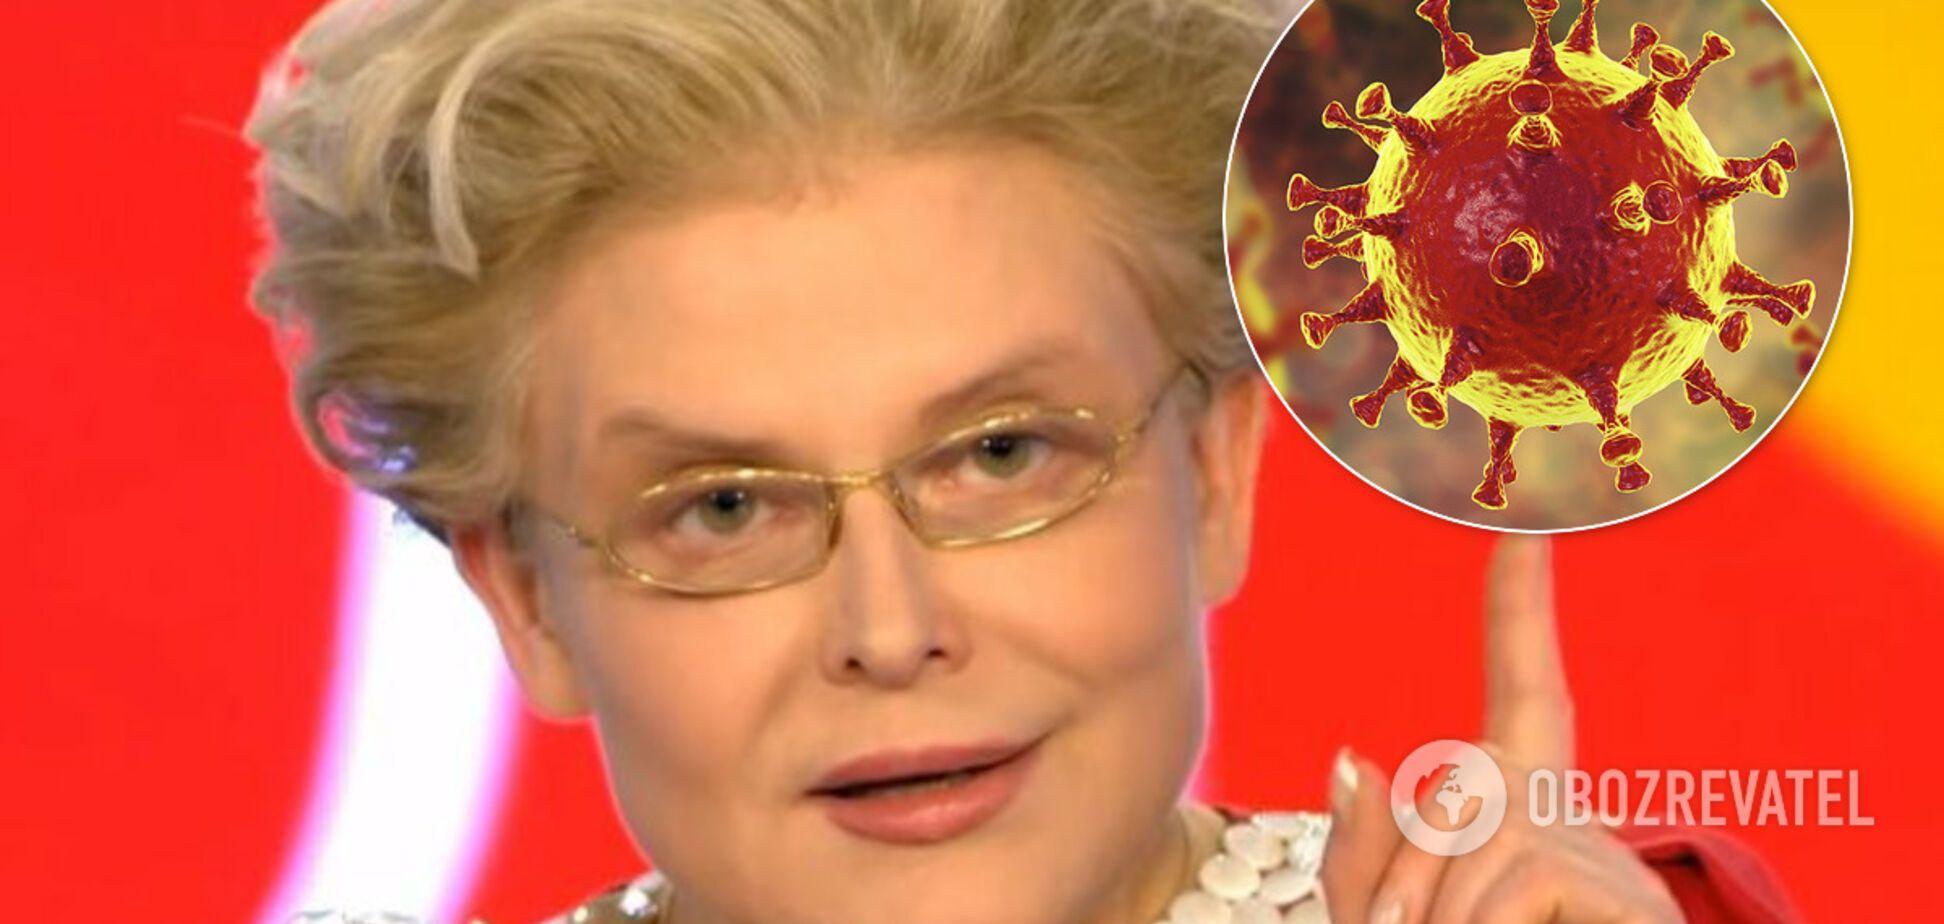 Елена Малышева назвала коронавирус чудом и опозорилась. Видео